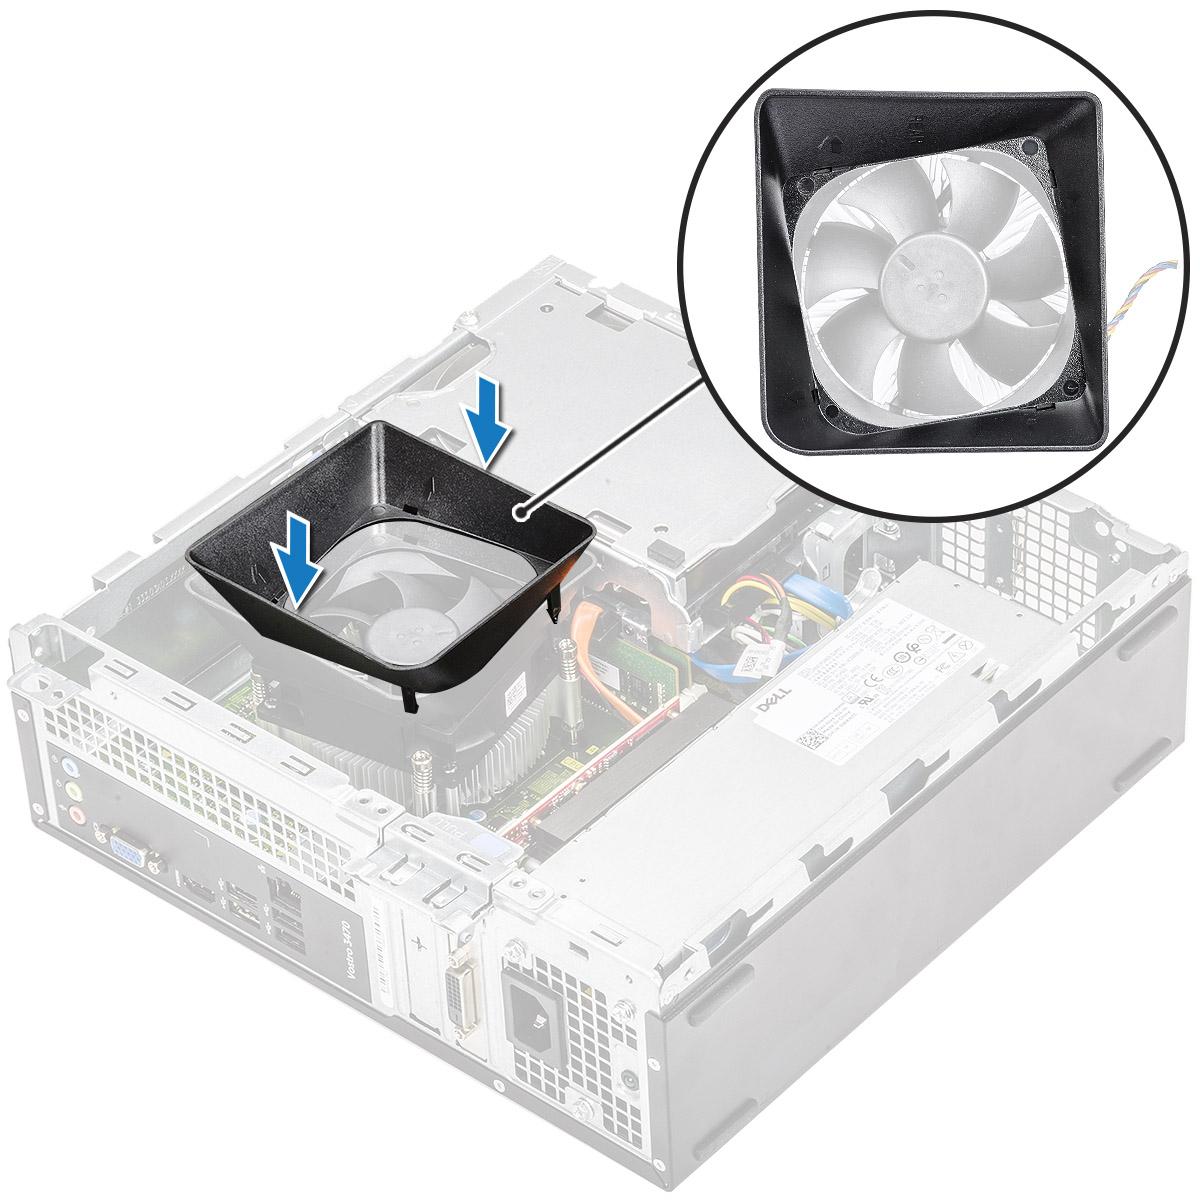 Gambar menunjukkan pemasangan selubung pendingin